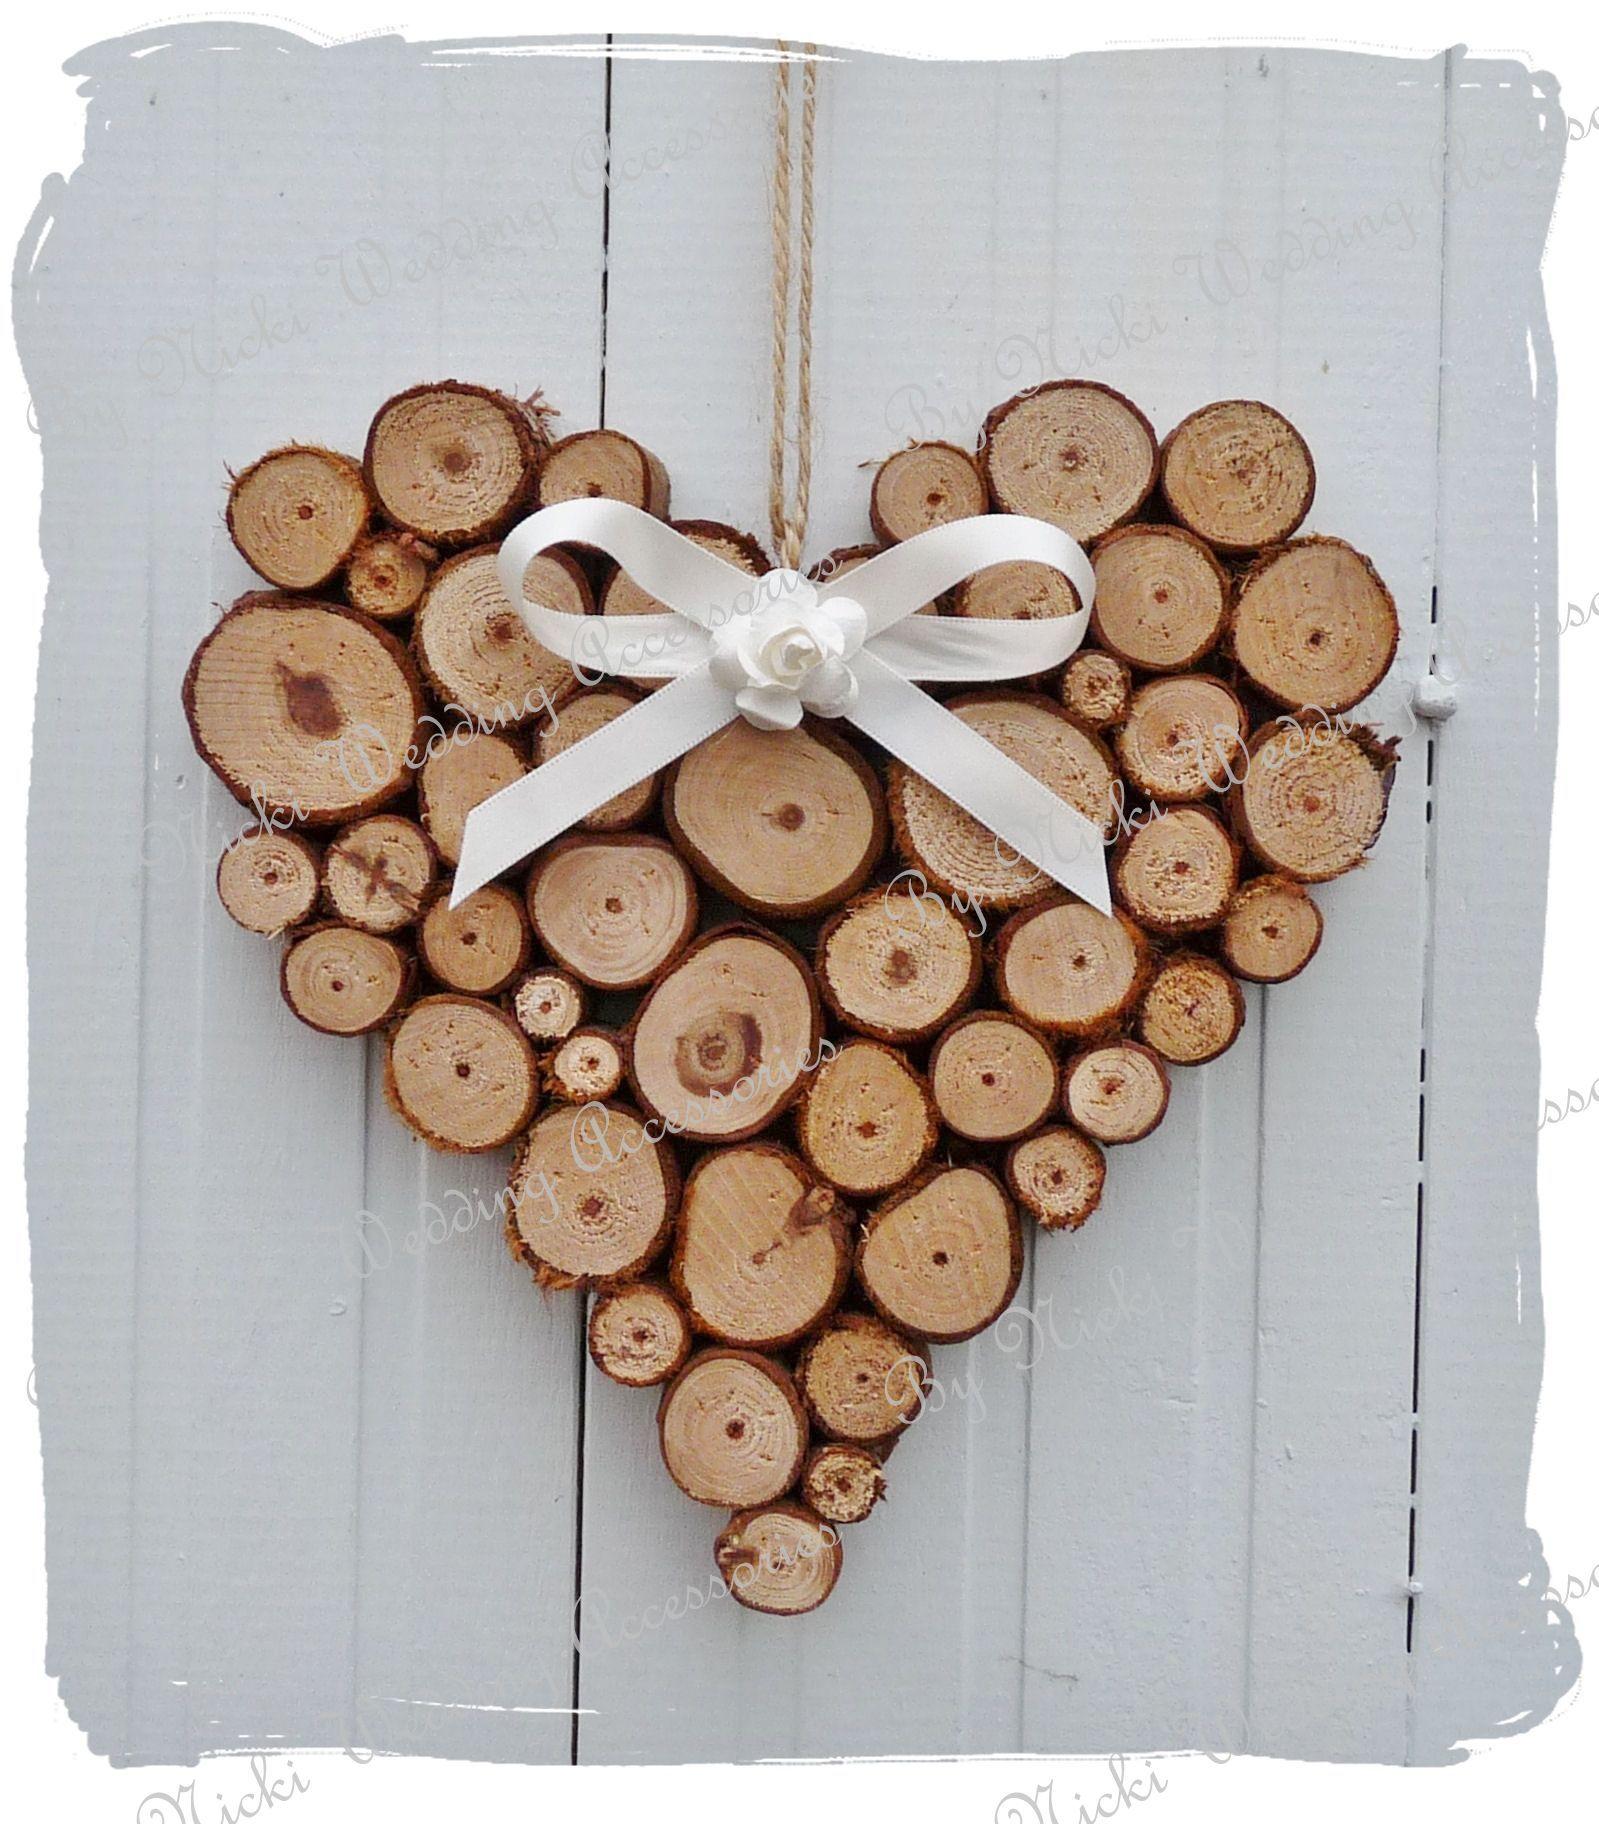 Rustic Log Heart Www Bynicki Co Uk Wood Slice Crafts Wood Crafts Crafts